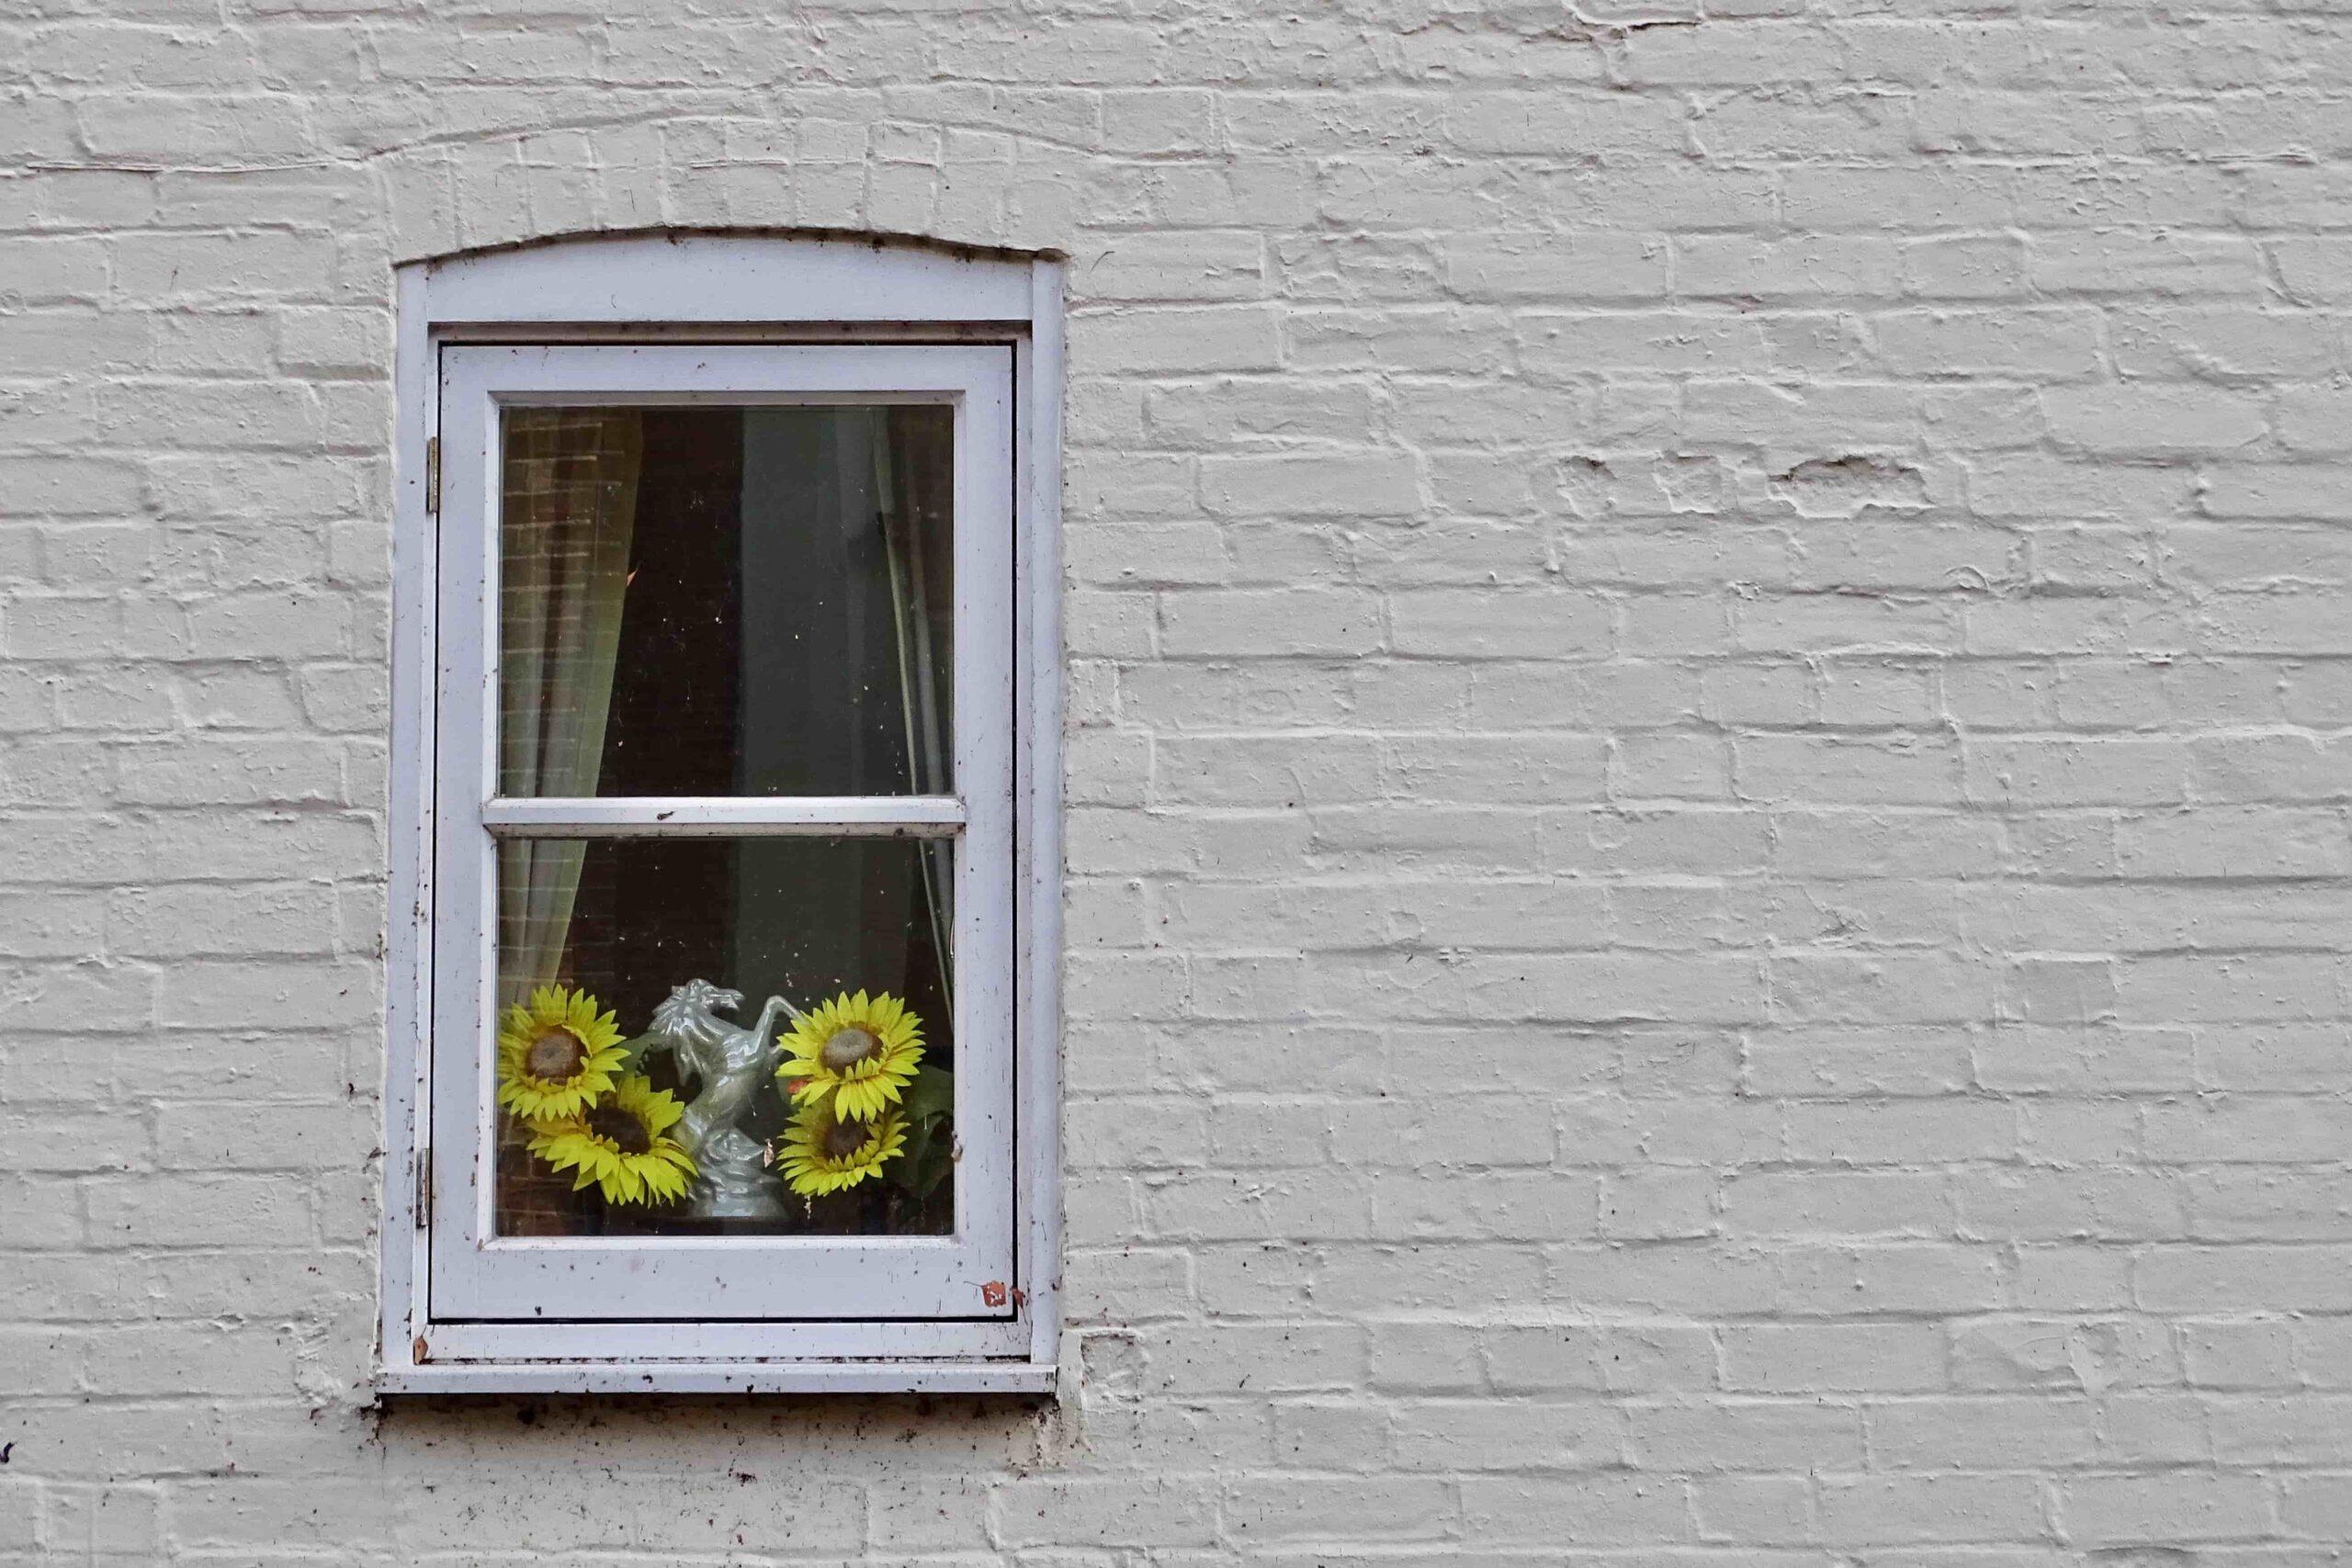 Hoe kies je het juiste bedrijf voor het plaatsen van je ramen en deuren?